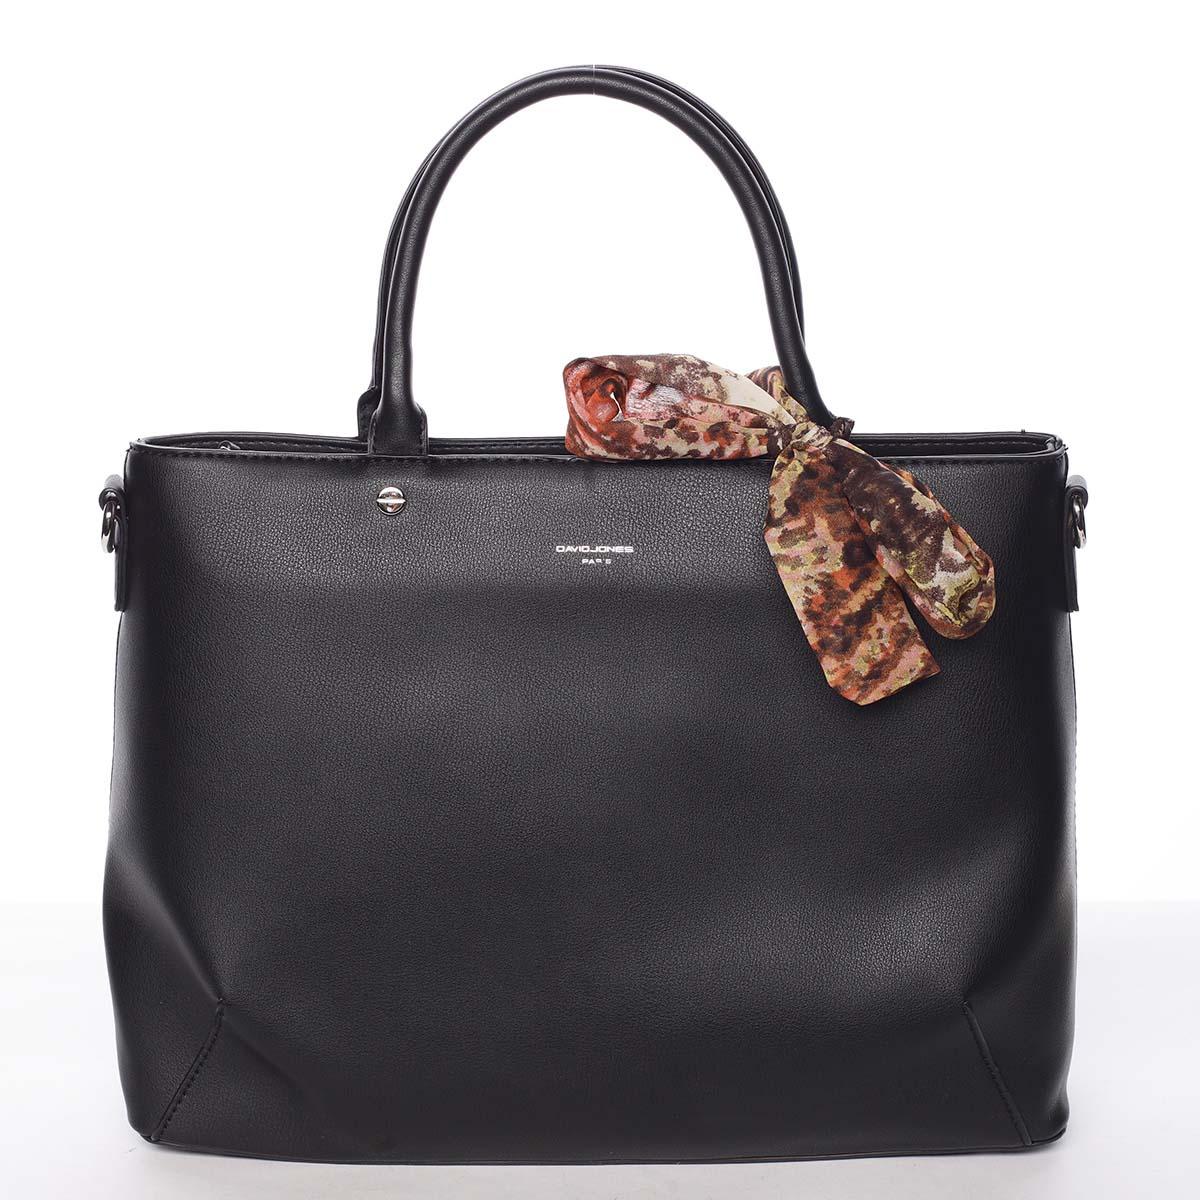 Módní dámská černá kabelka s mašlí - David Jones Harriet